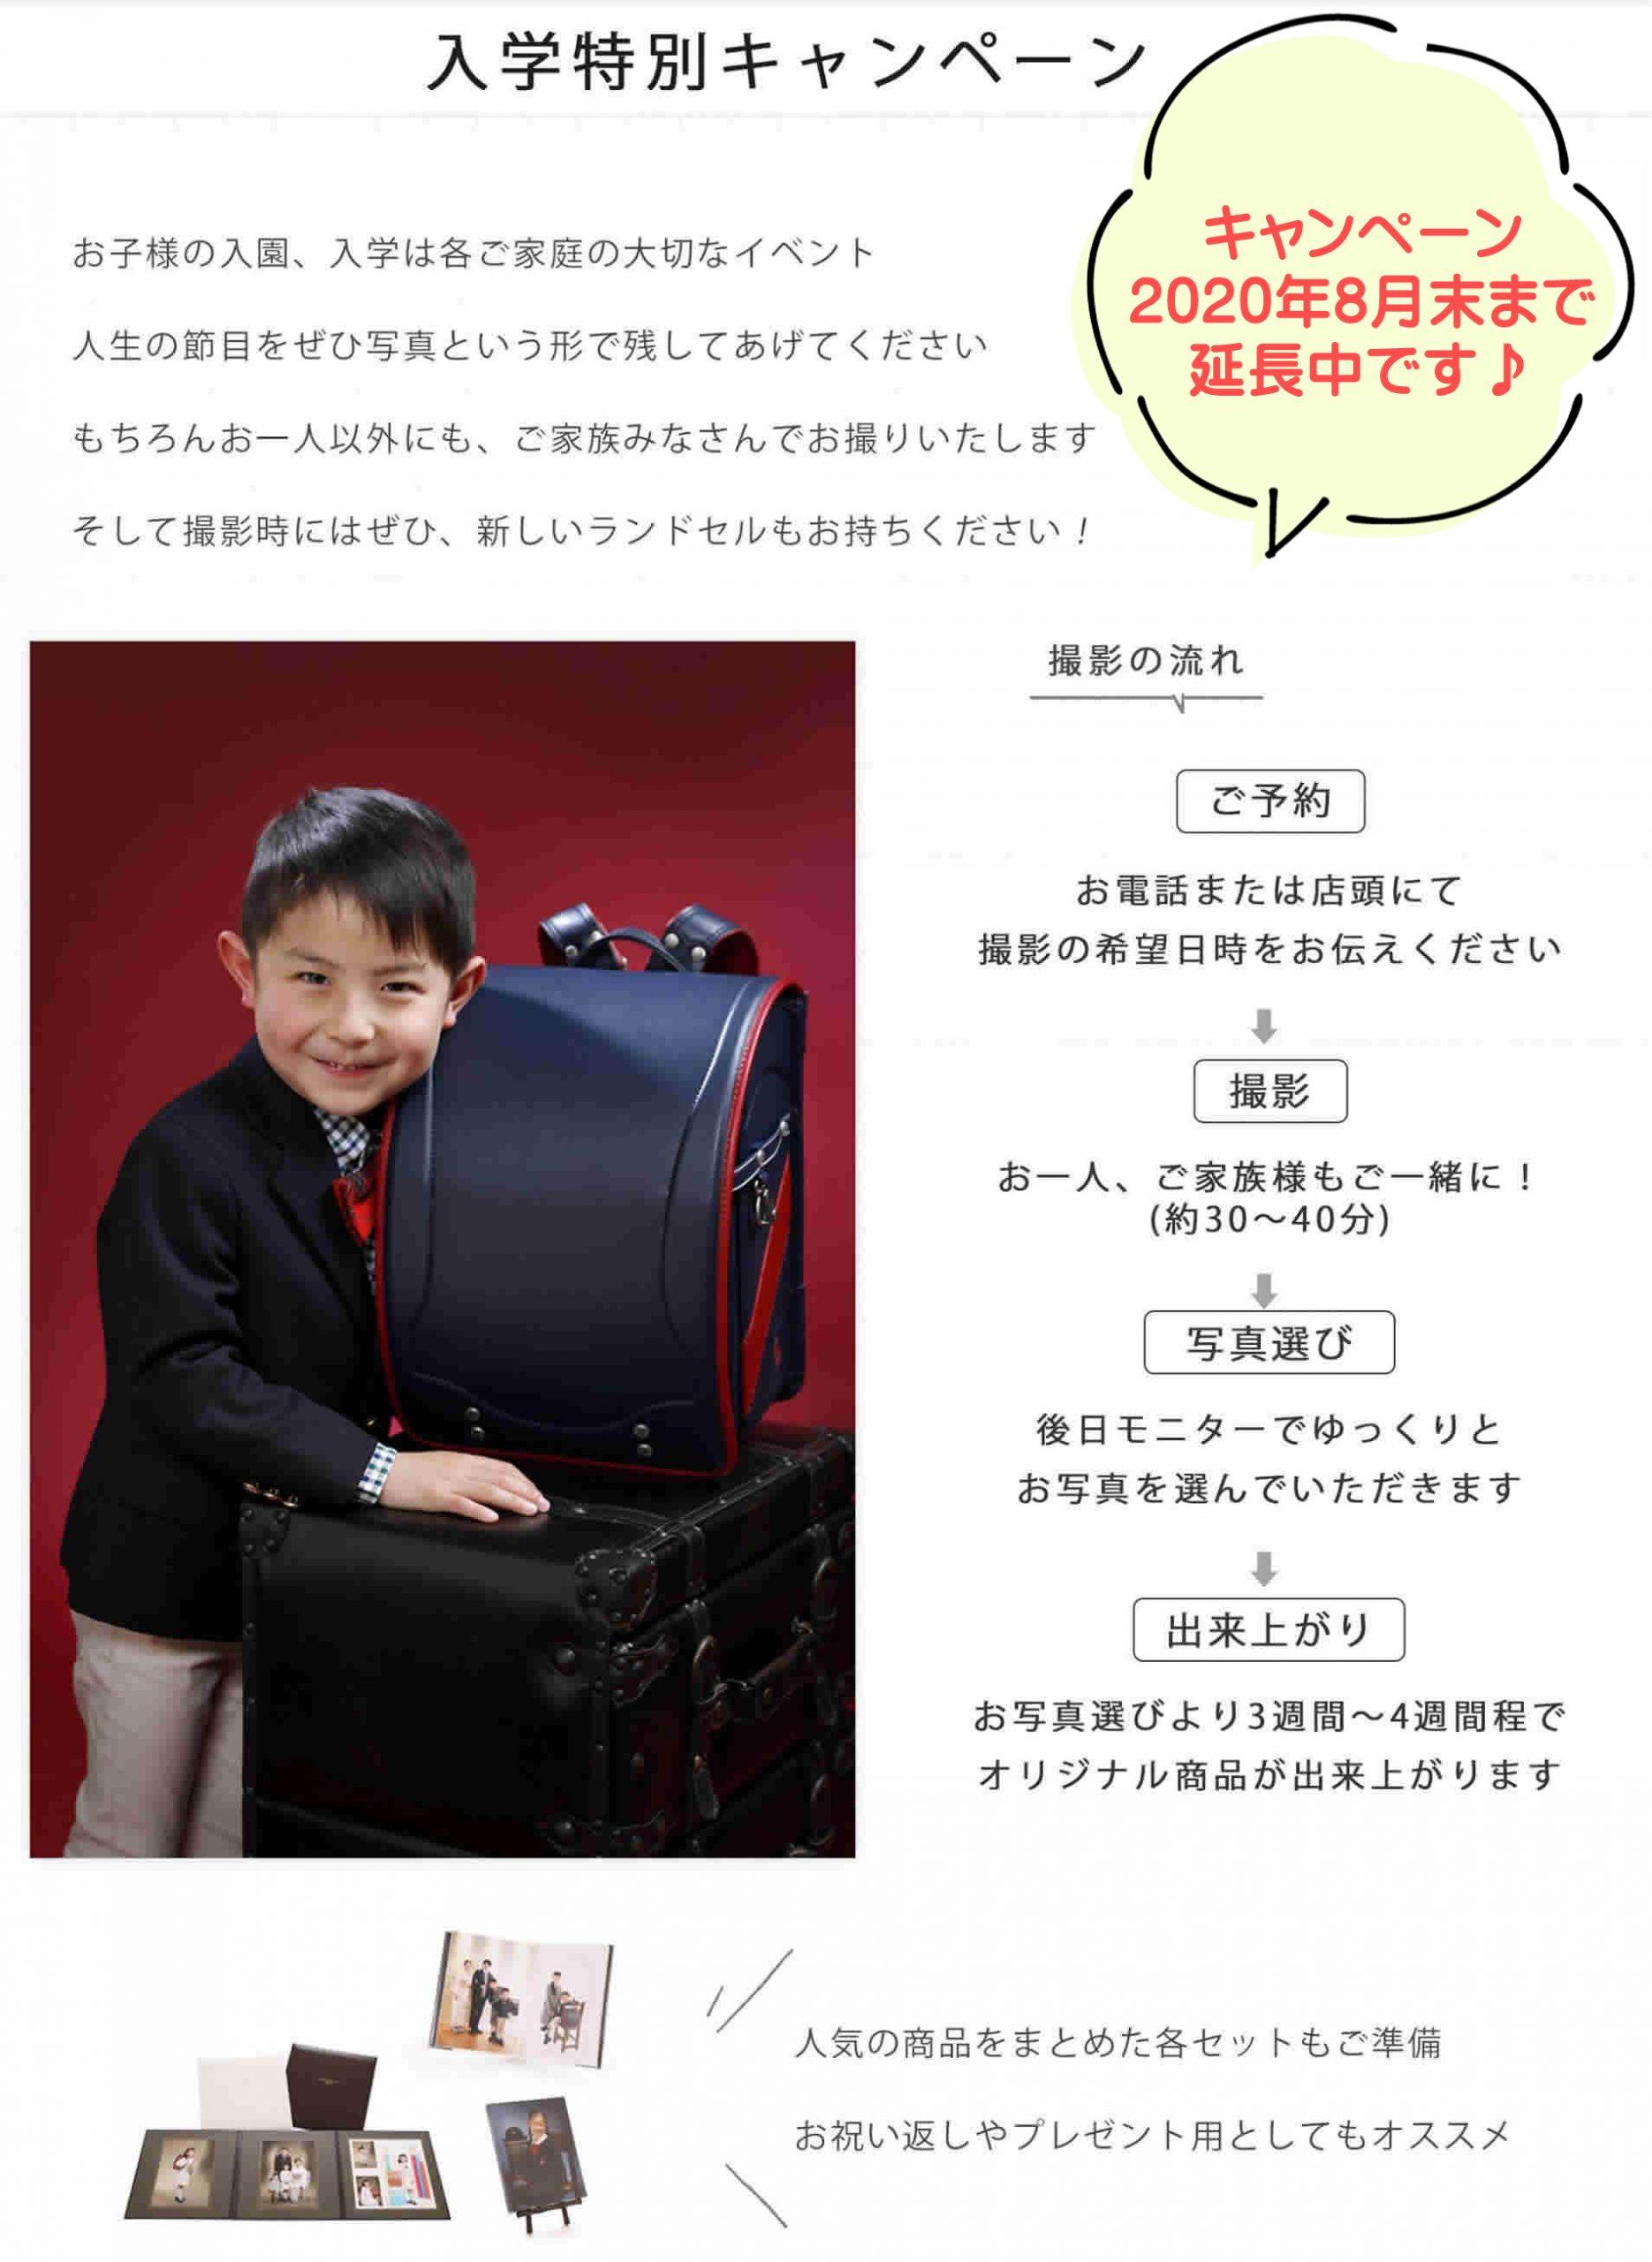 長崎写真場 2020年入学特別キャンペーン